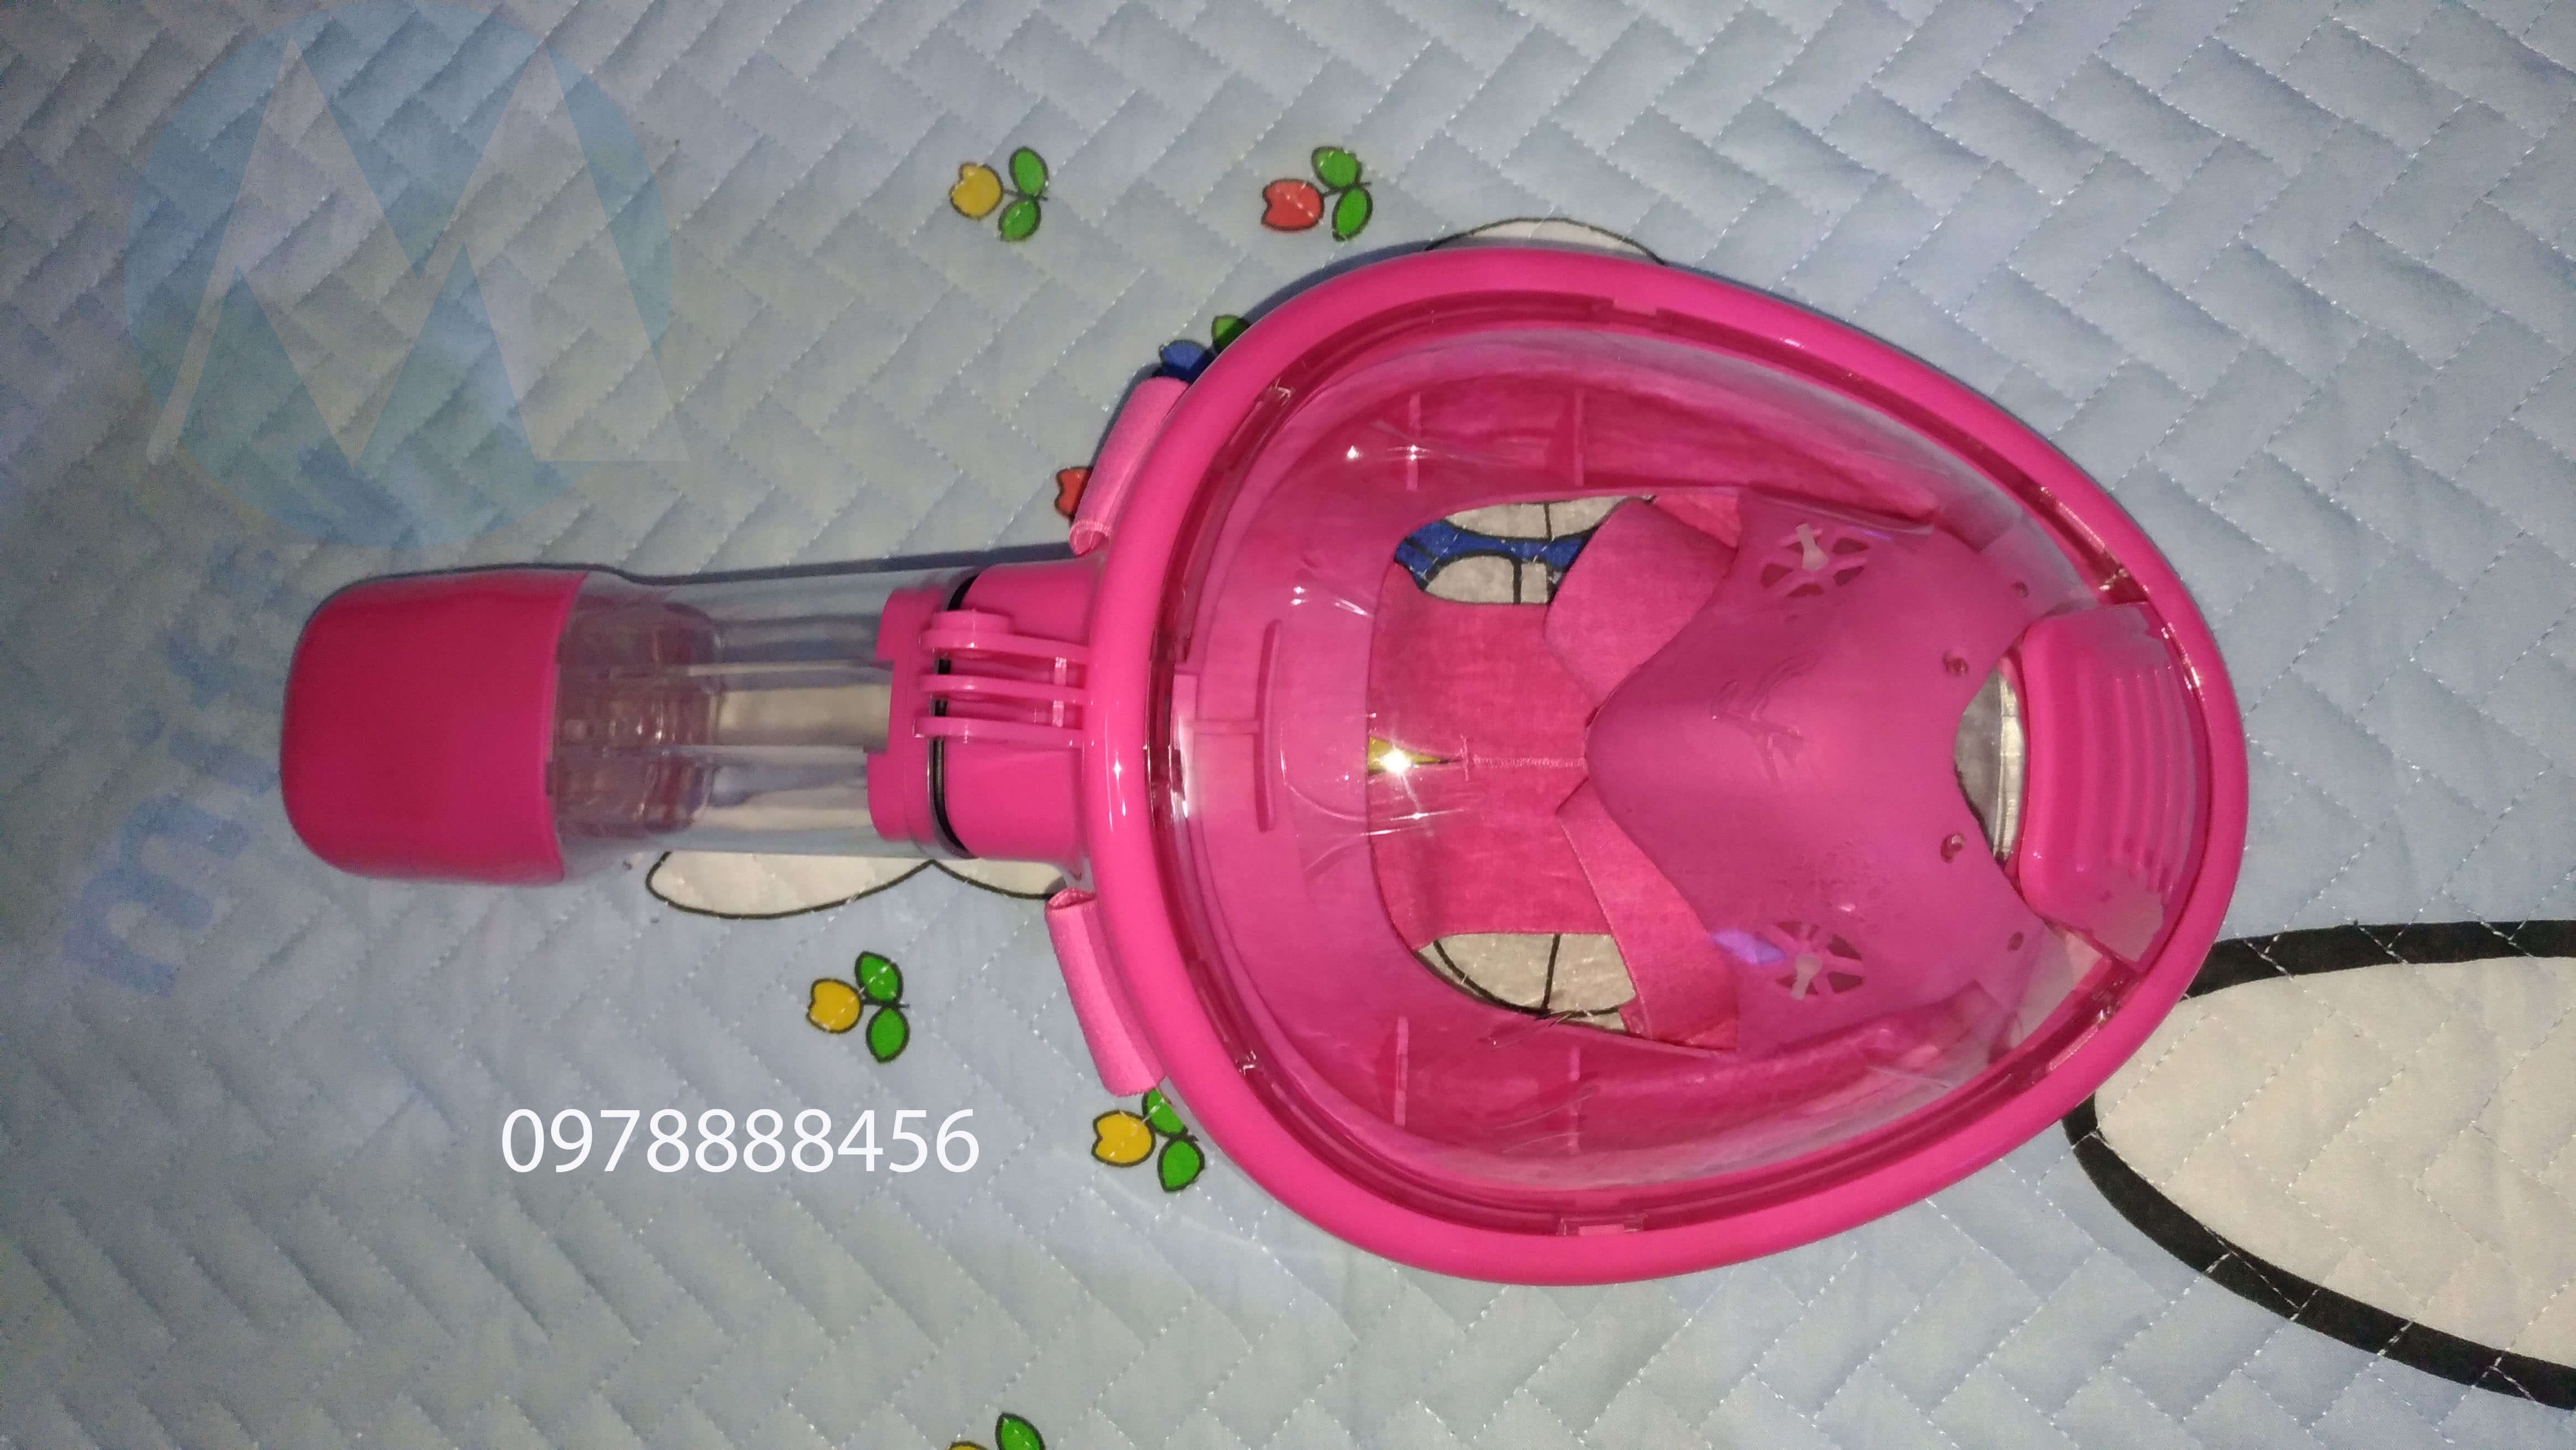 Kính bơi liền ống thở dạng mặt nạ góc nhìn rộng dành cho trẻ em - màu hồng cho bé gái